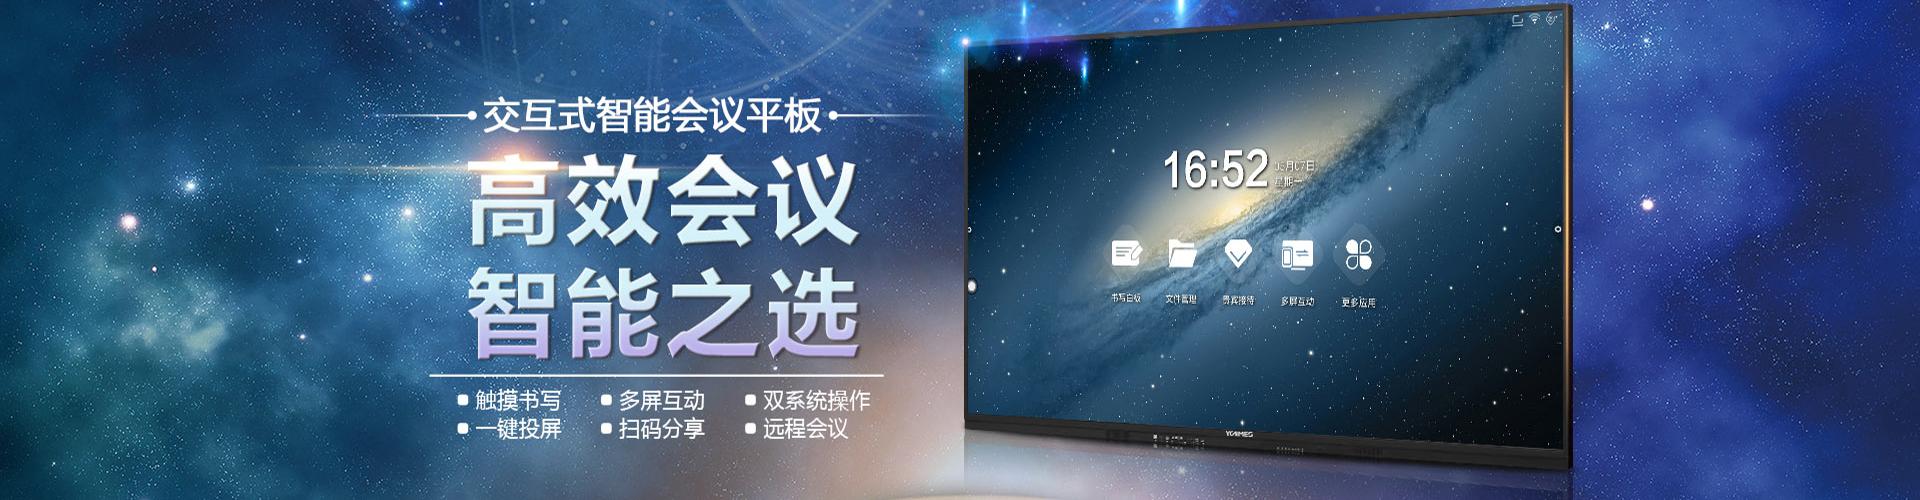 西安触控显示系统